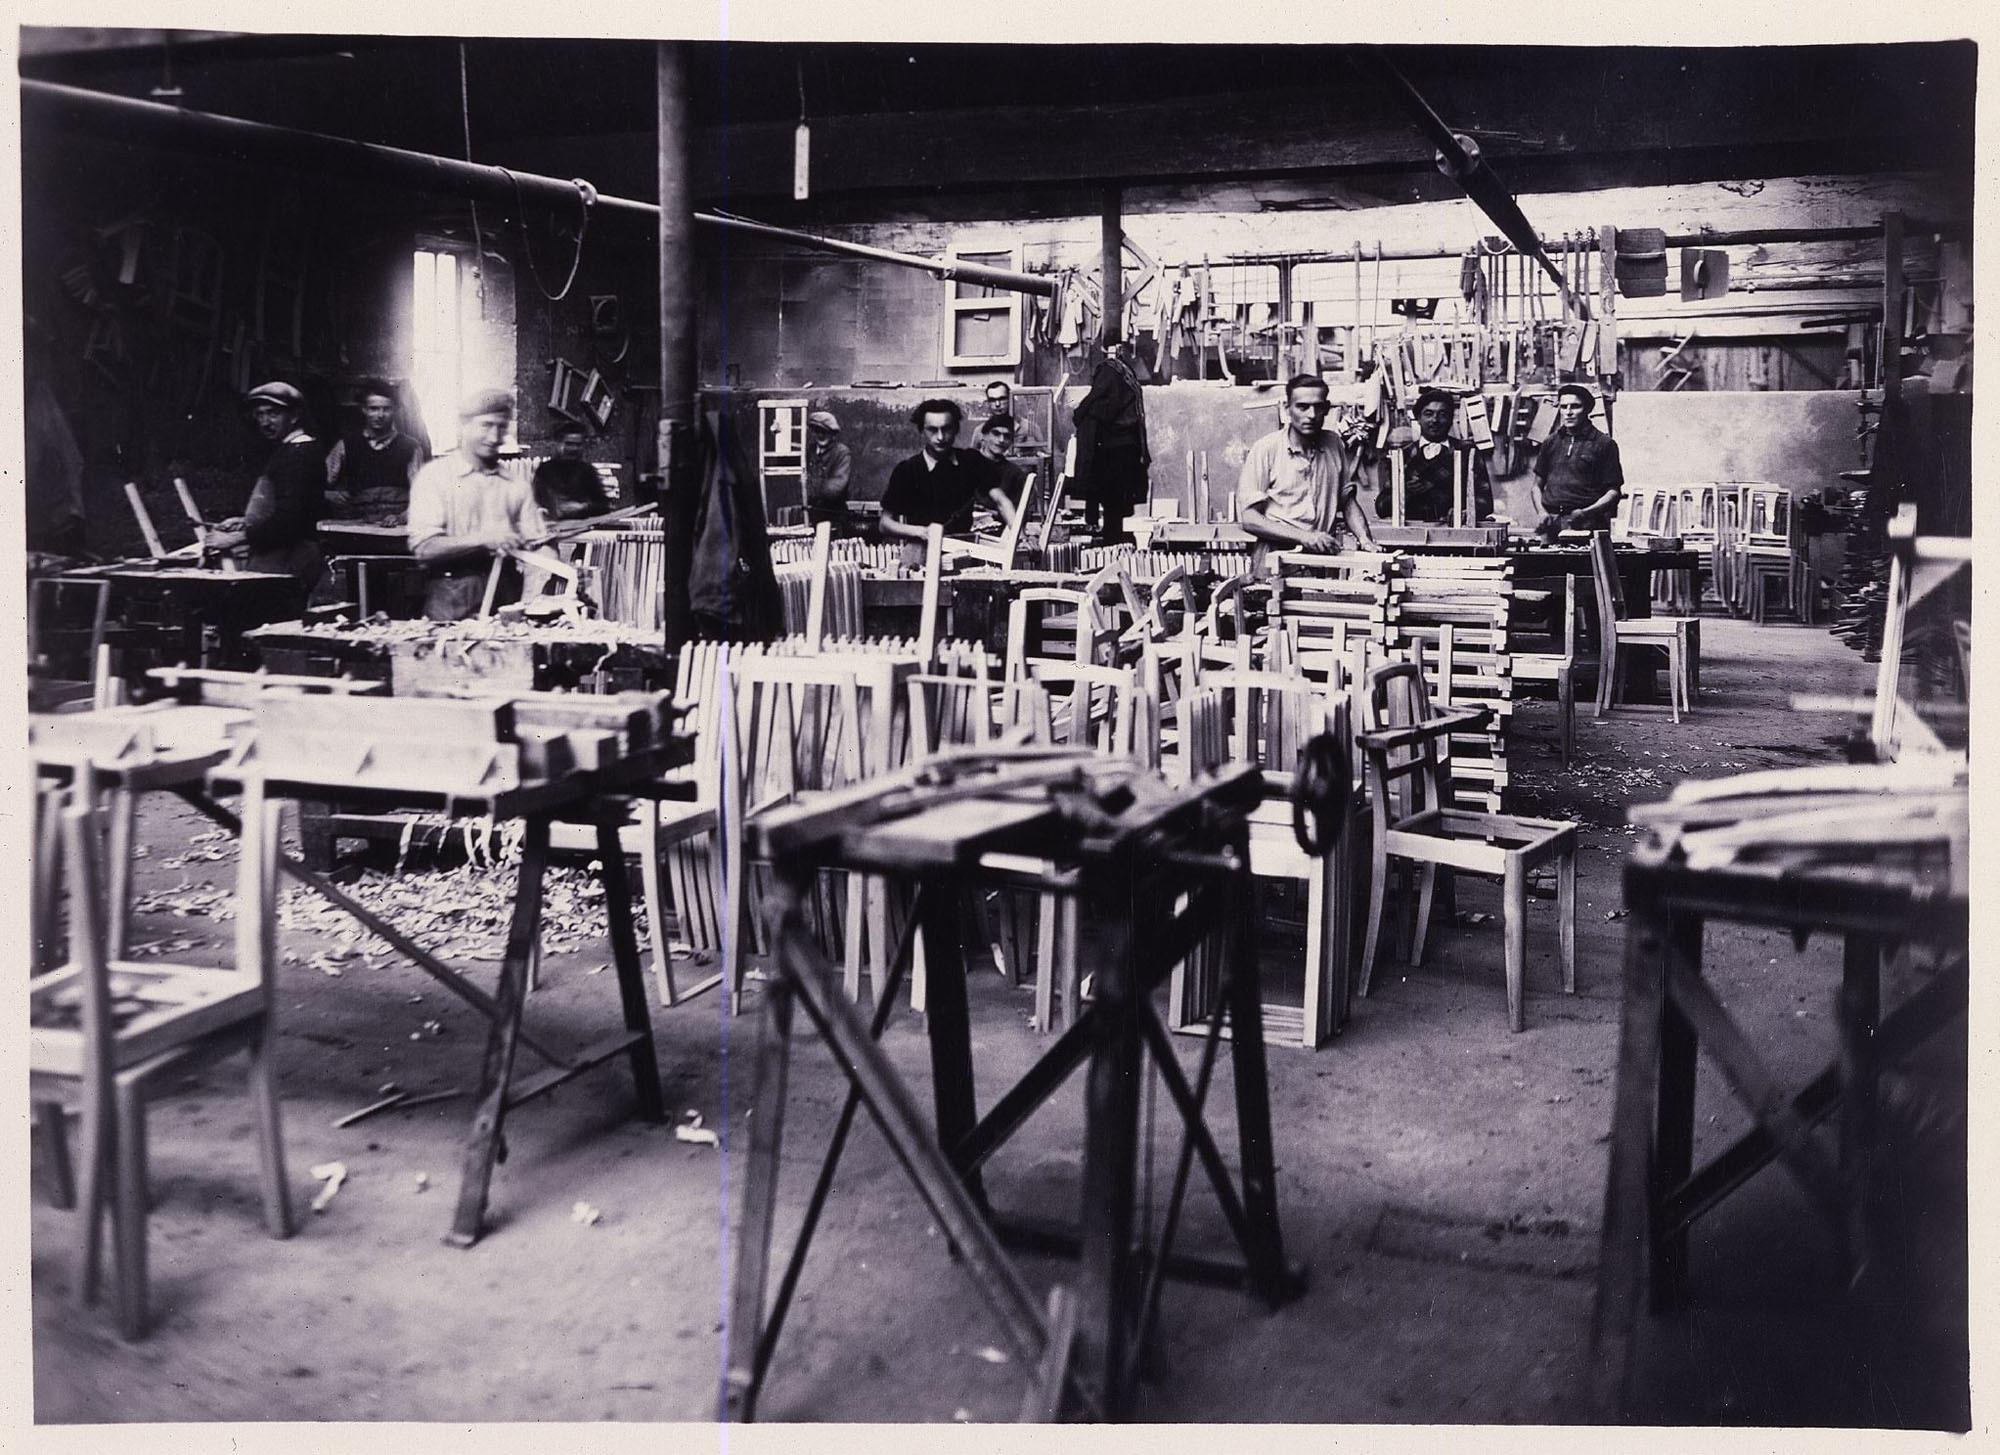 Anfangs war das Unternehmen auf die Fertigung vonGriffen für Sonnenschirme und Gehstöcke spezialisiert und stellte zur Jahrhundertwende auf die Produktion von Stühlen und Polstermöbeln um. Aufnahme aus dem Dreißigerjahren. Foto: Ligne Roset